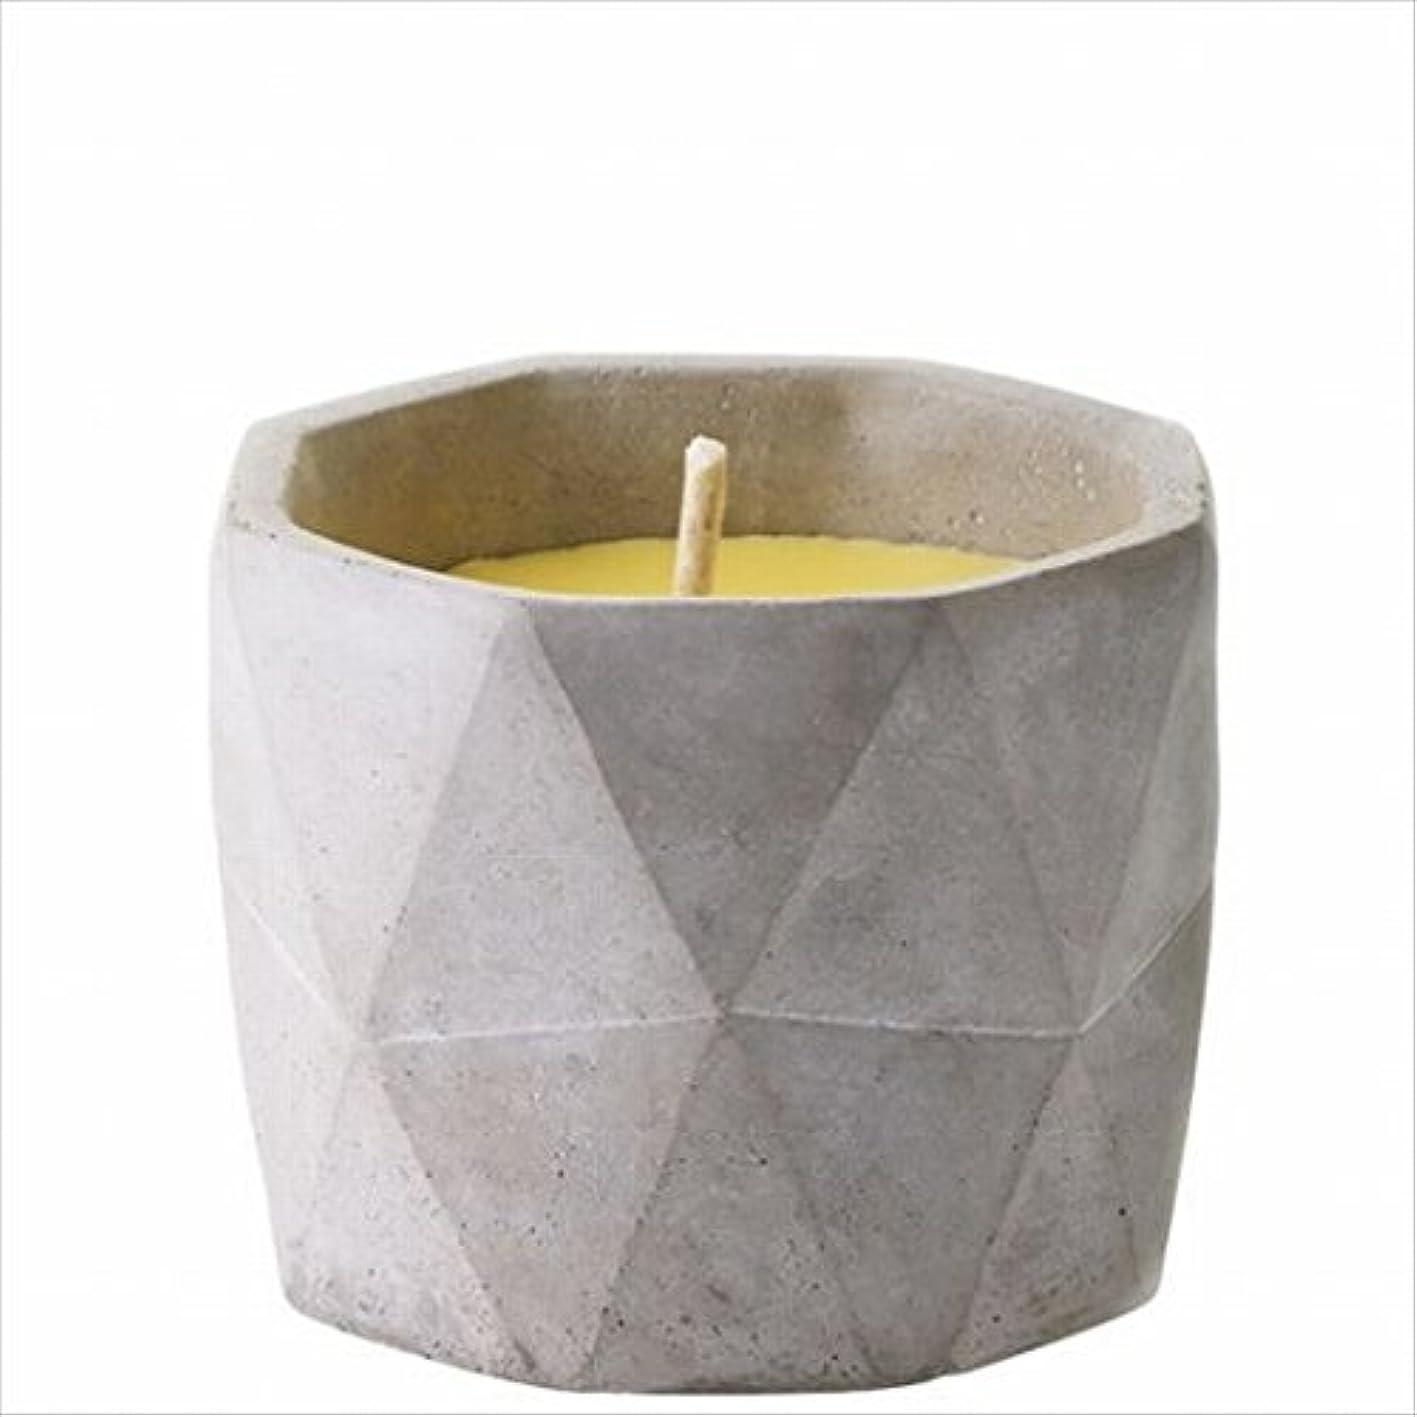 ラショナル公爵夫人これまでカメヤマキャンドル(kameyama candle) POiNT A LA LiGNE セメントポット シトロネラキャンドルM(屋外用)